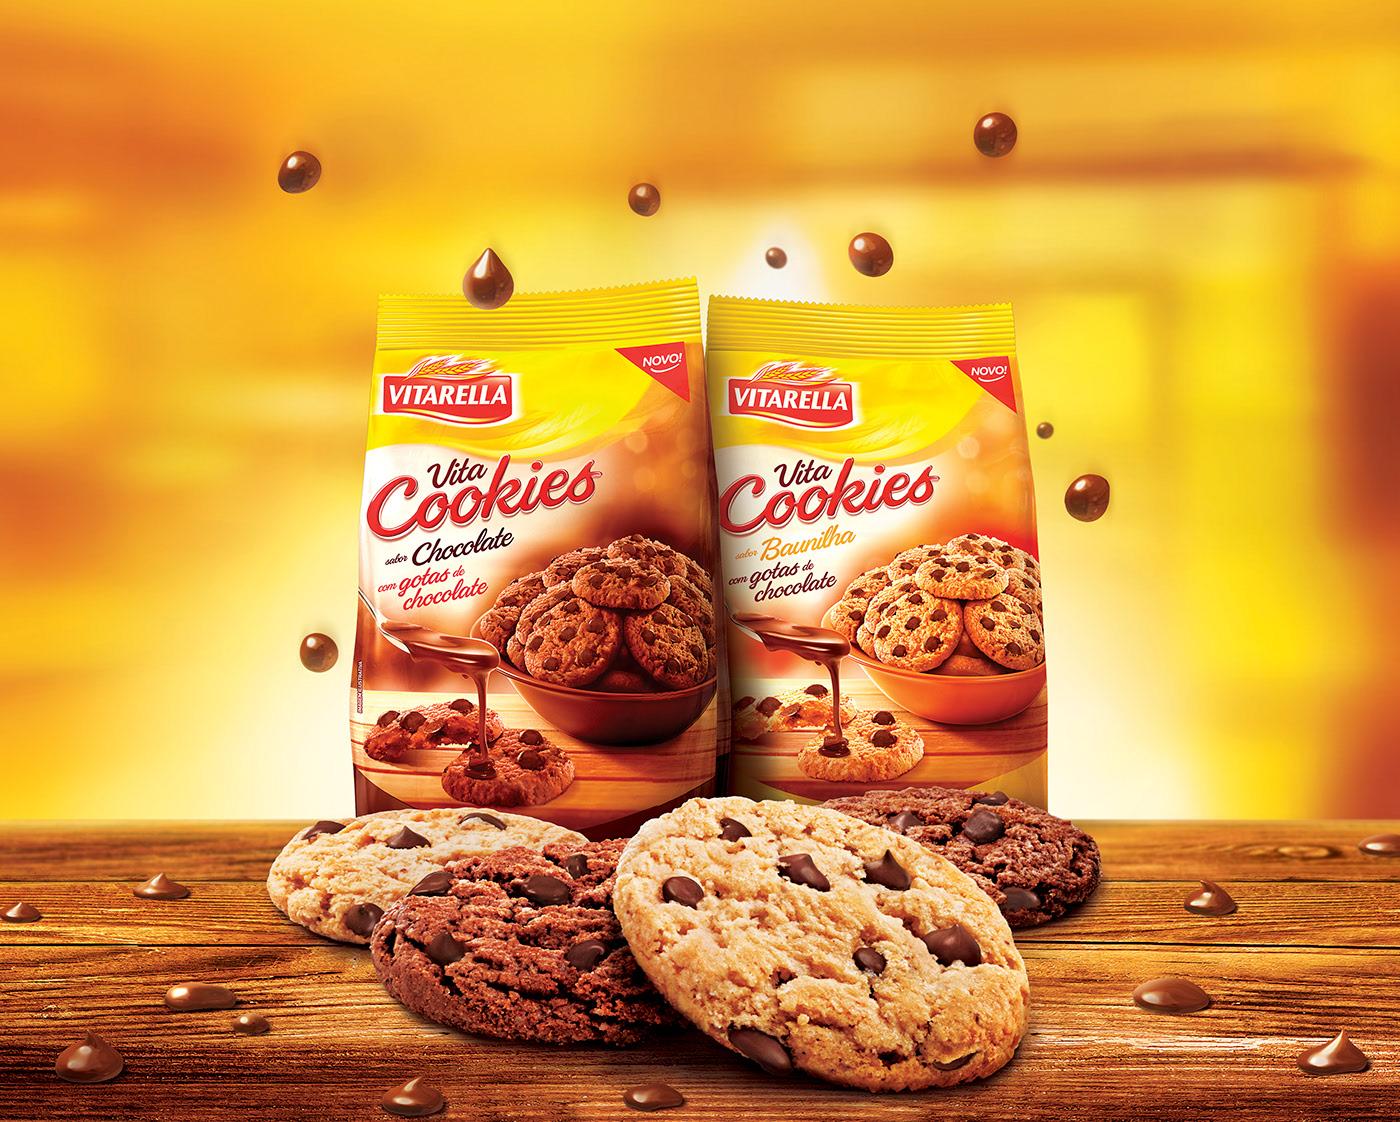 реклама печенья в картинках цена